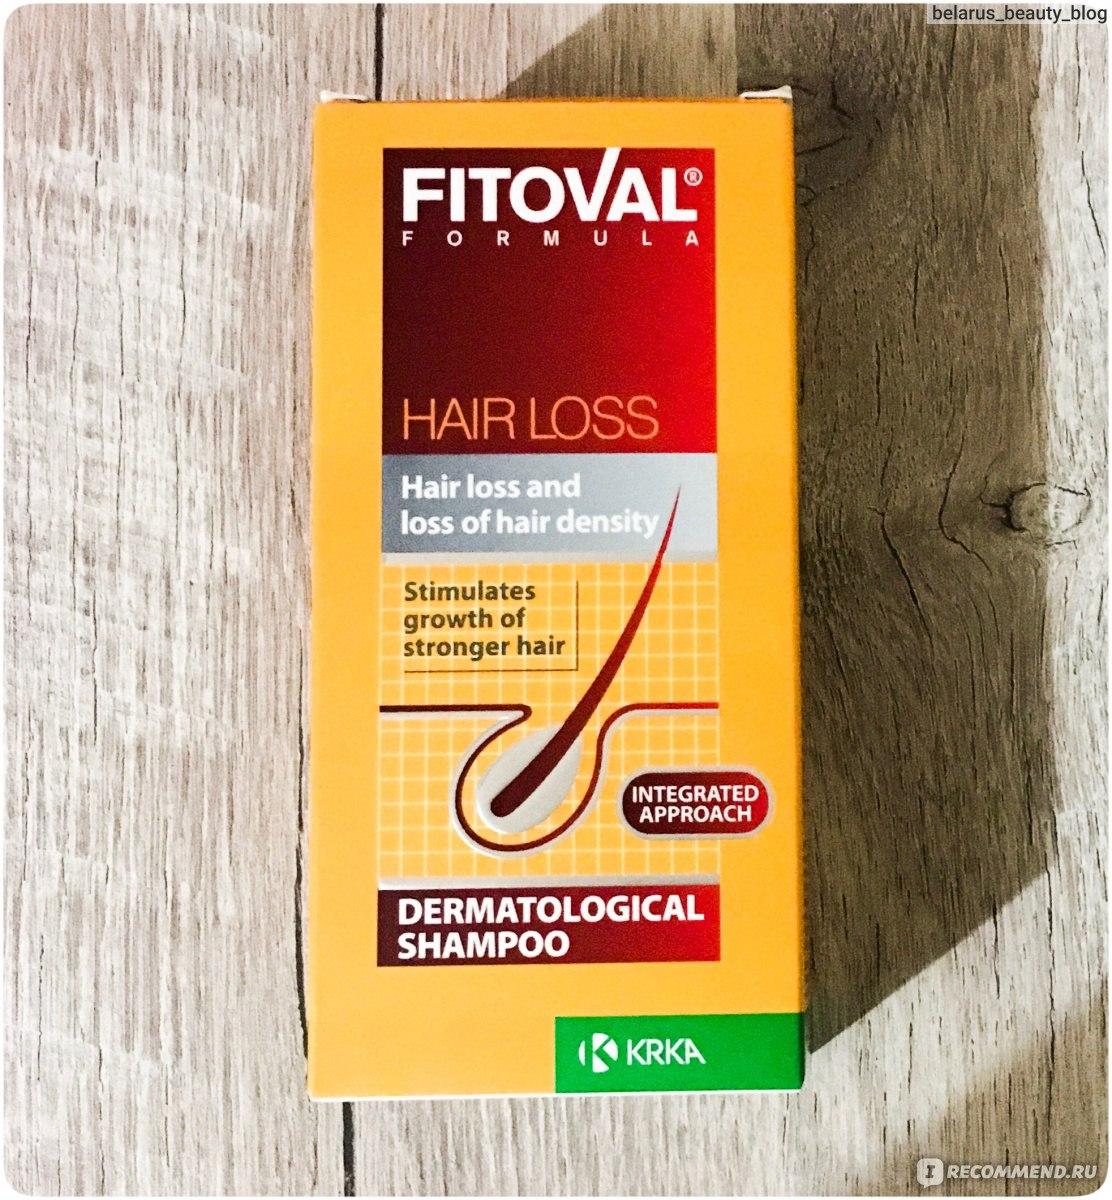 Полный обзор средств фитовал от выпадения волос